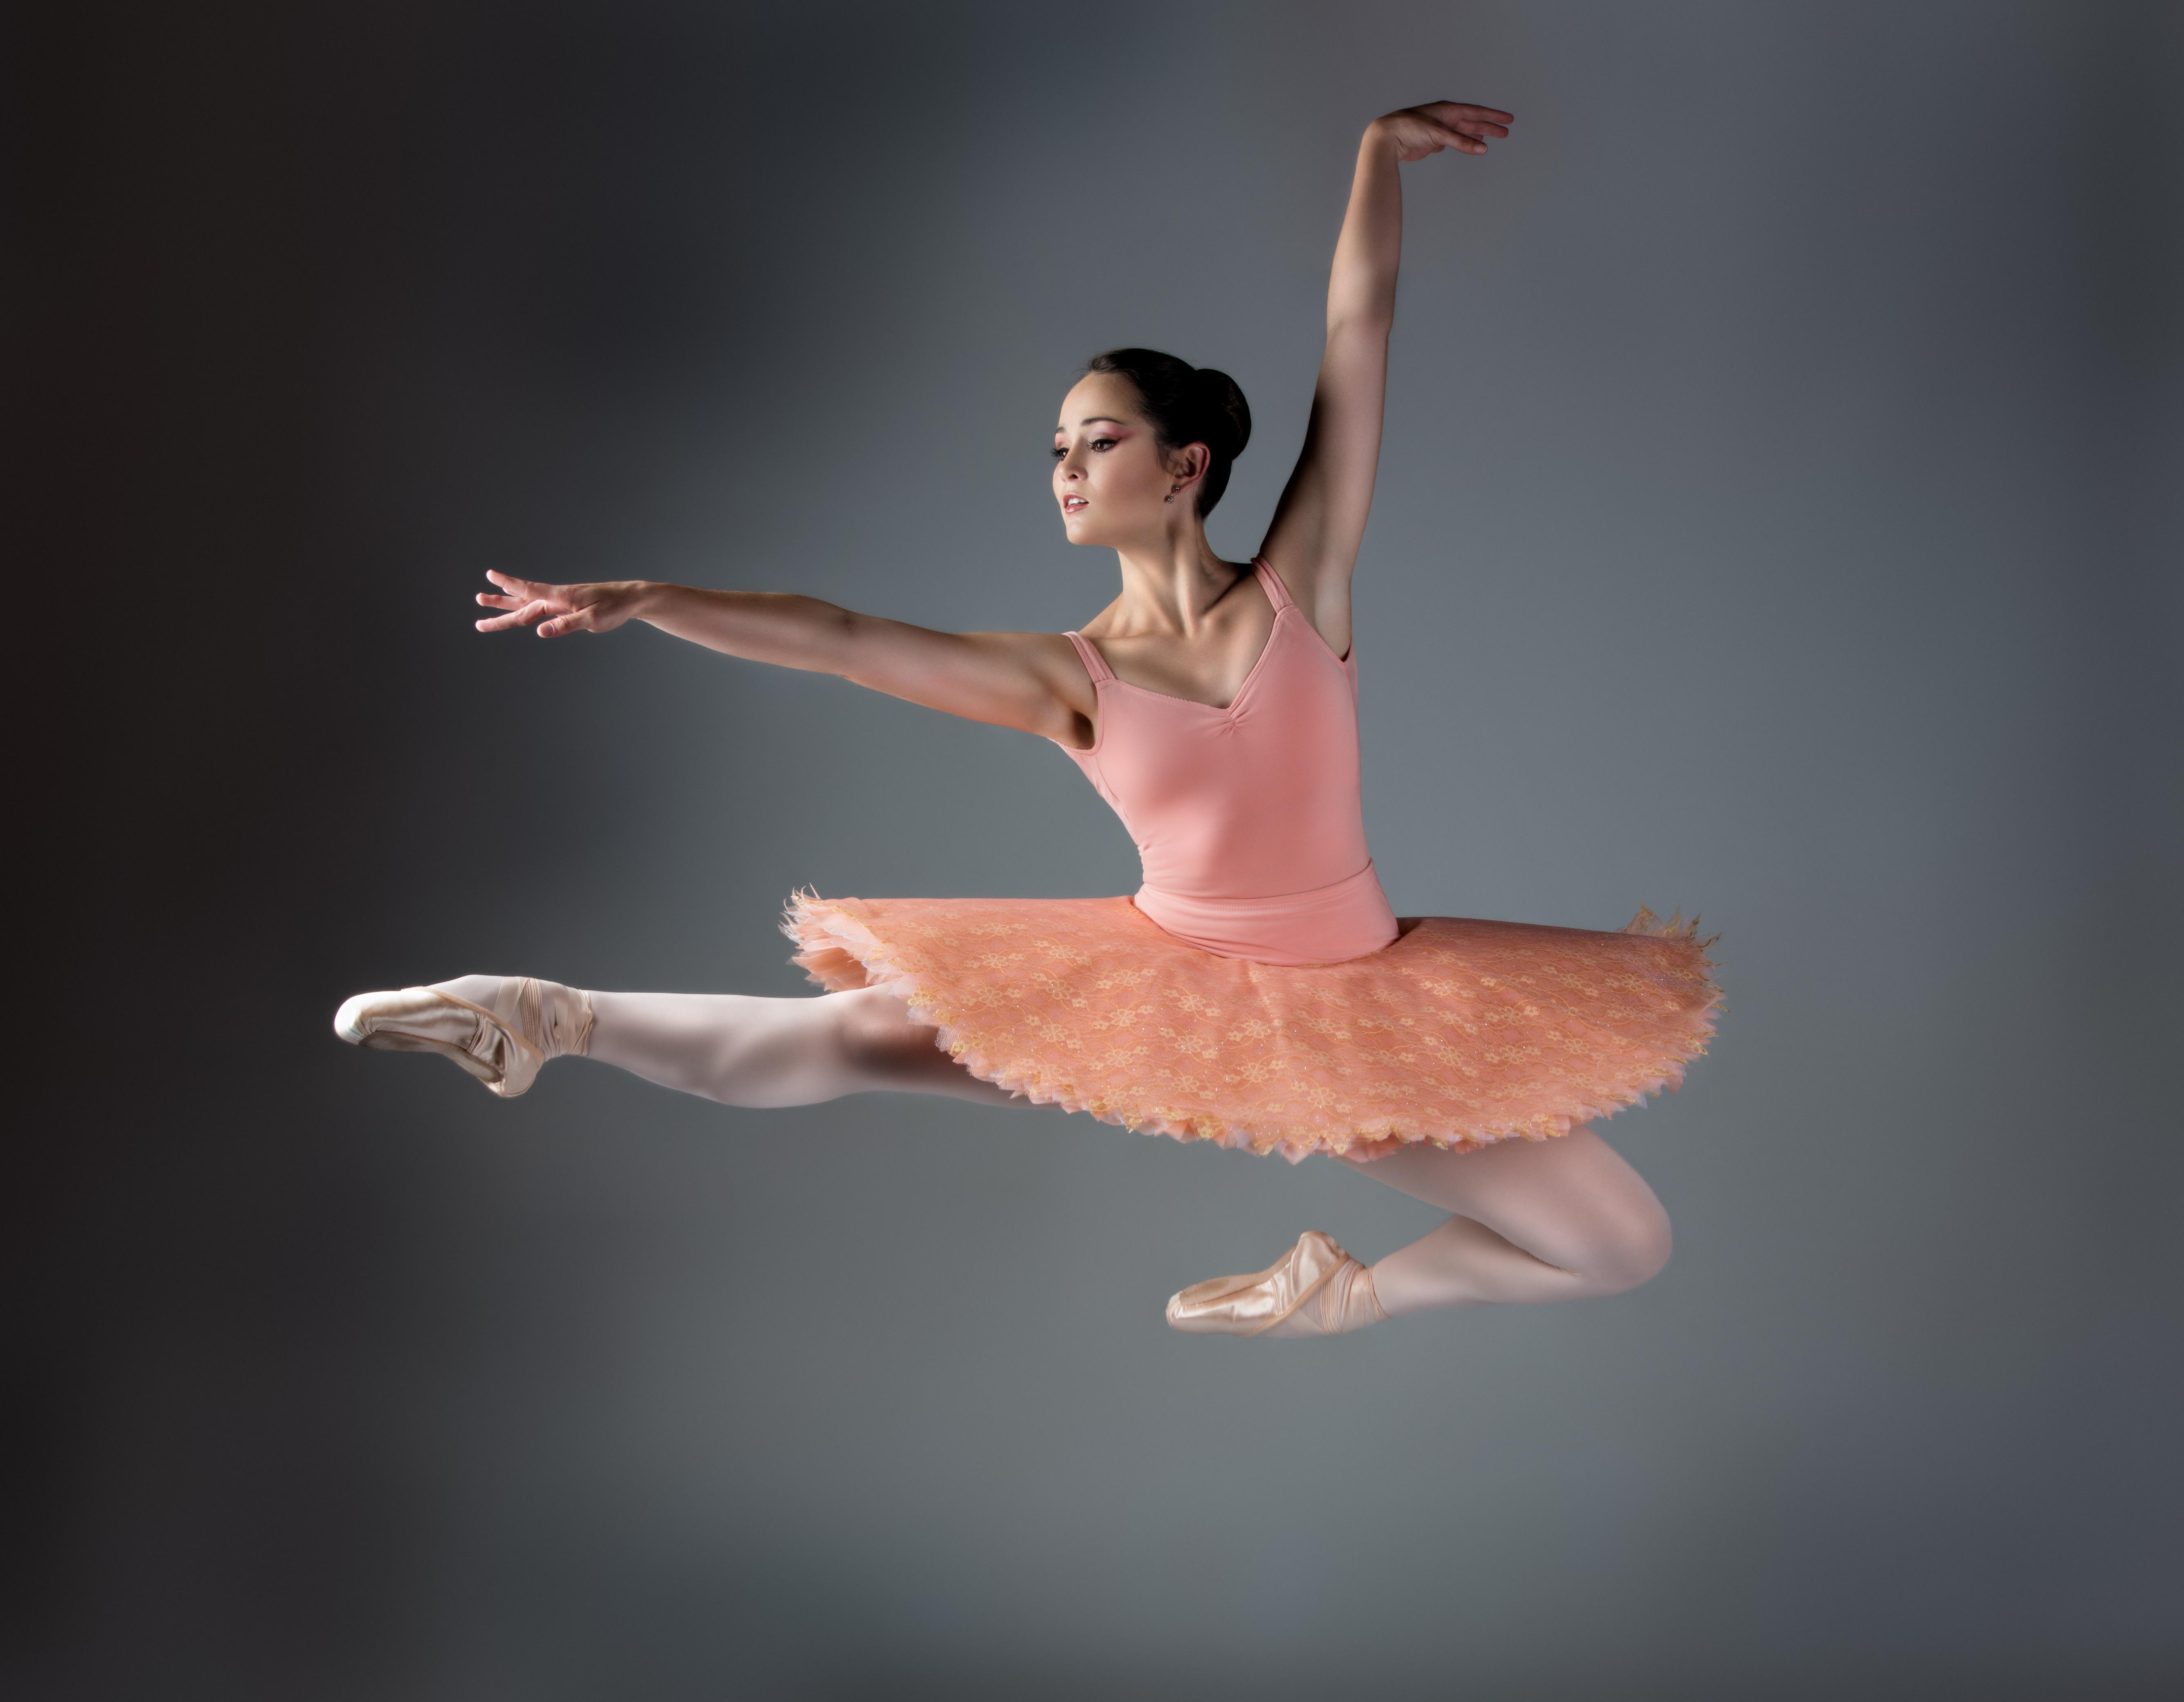 Фото балерин в высоком качестве 19 фотография